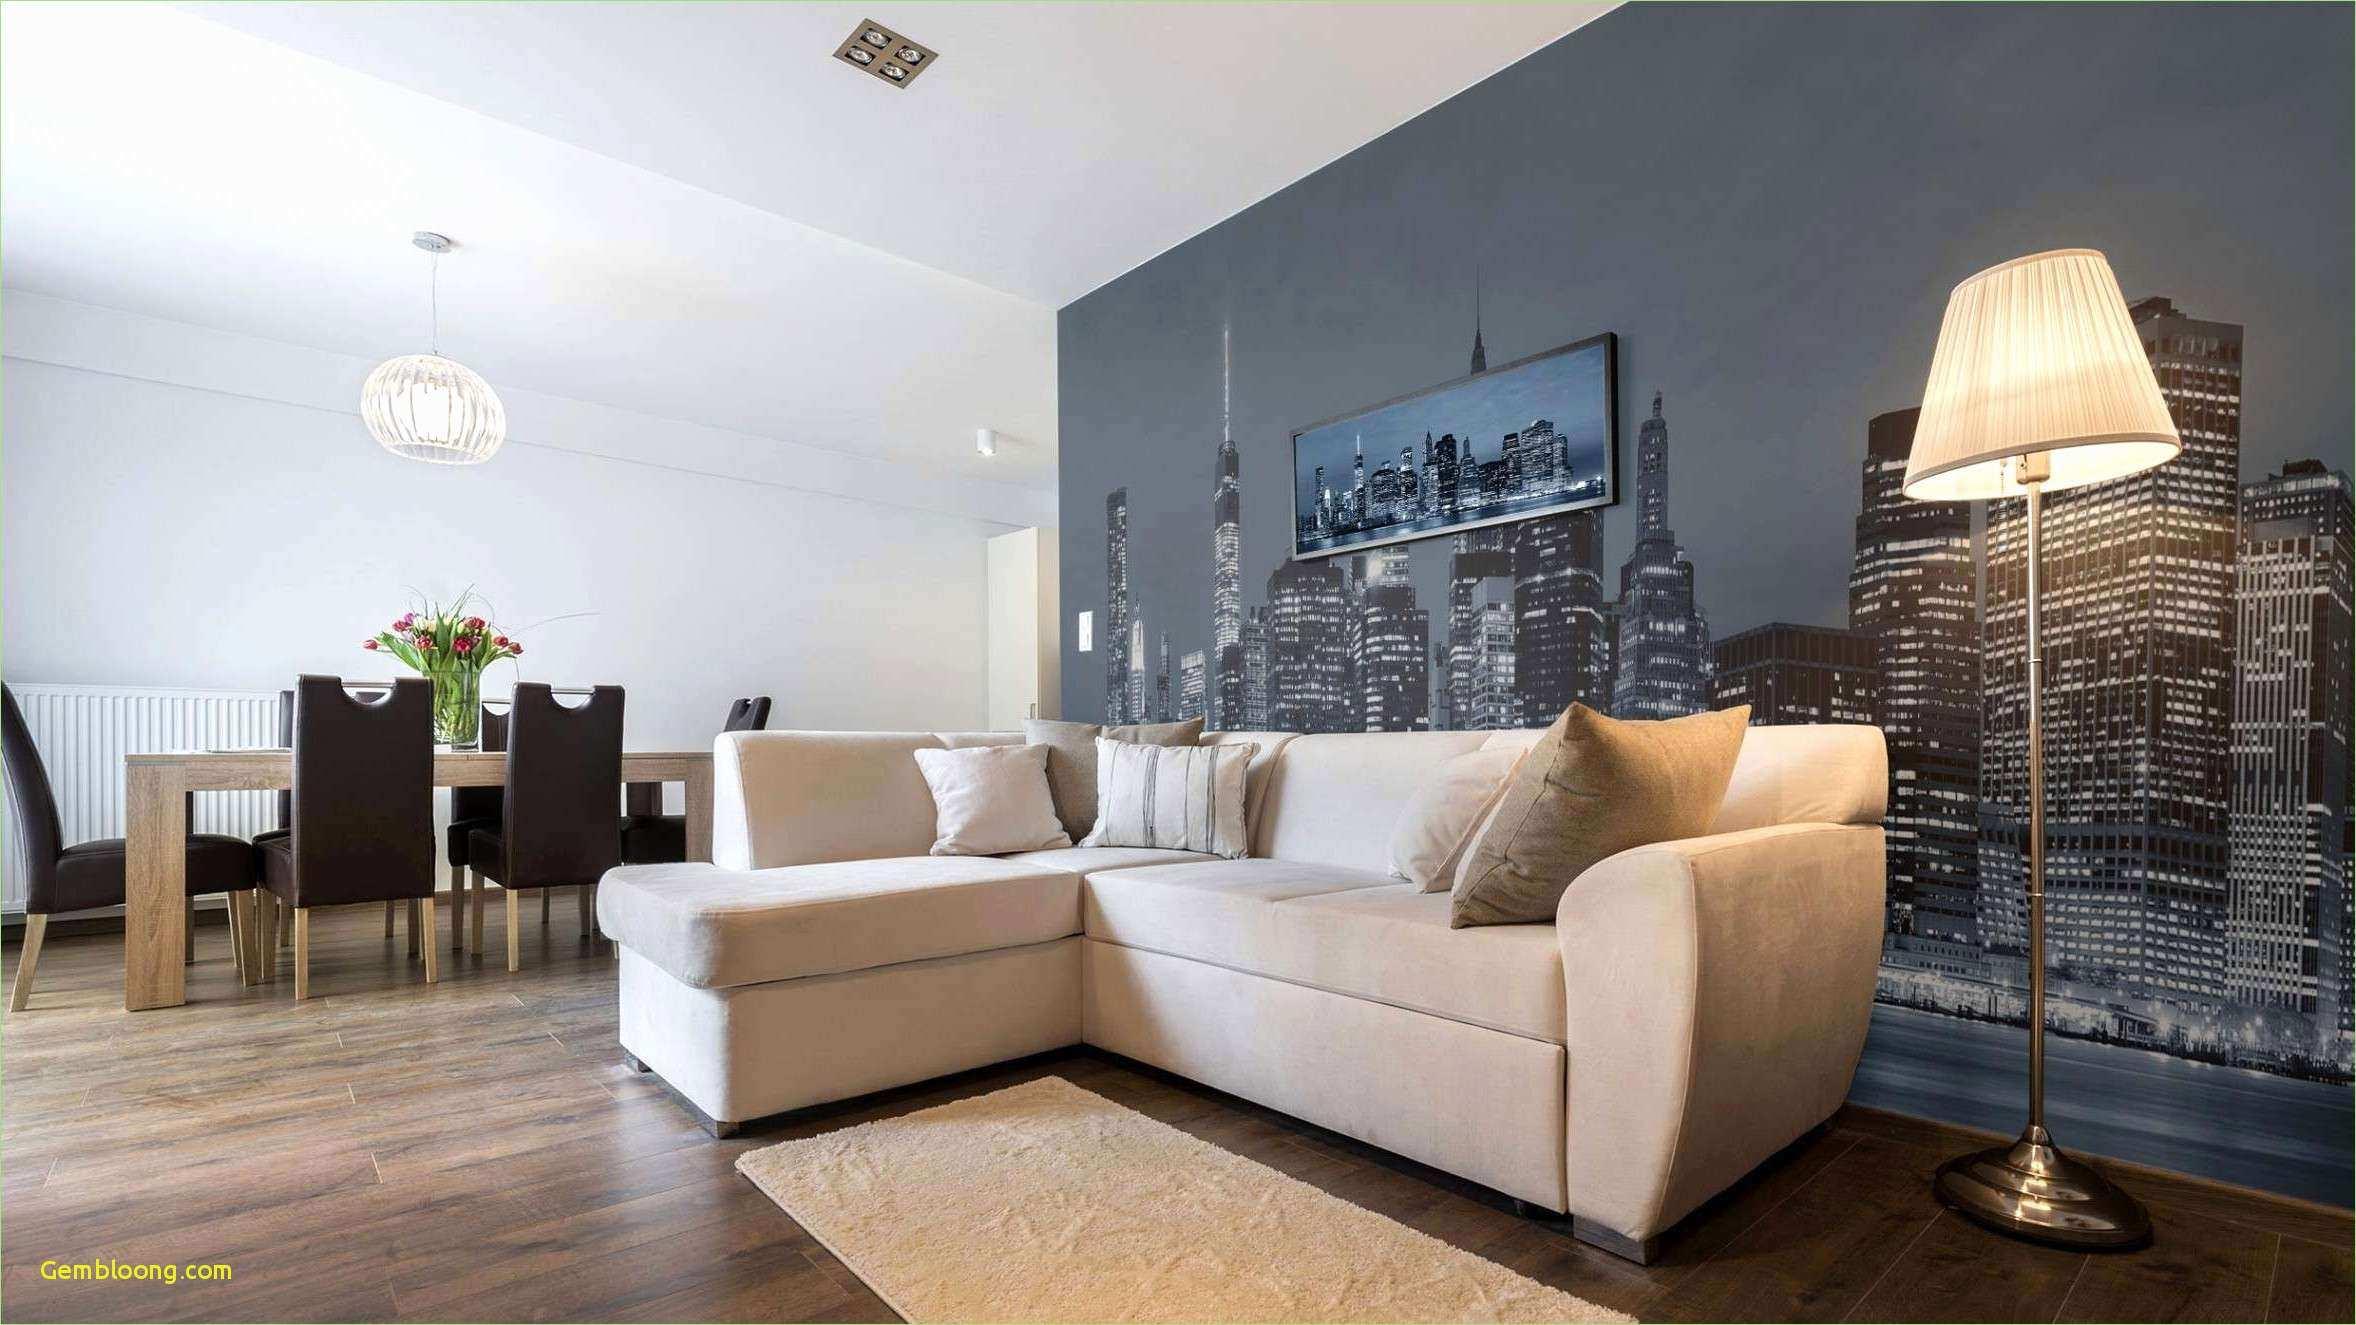 wand licht dekoration fresh wohnzimmer licht 0d design ideen von konzept von deko idee wohnzimmer of deko idee wohnzimmer